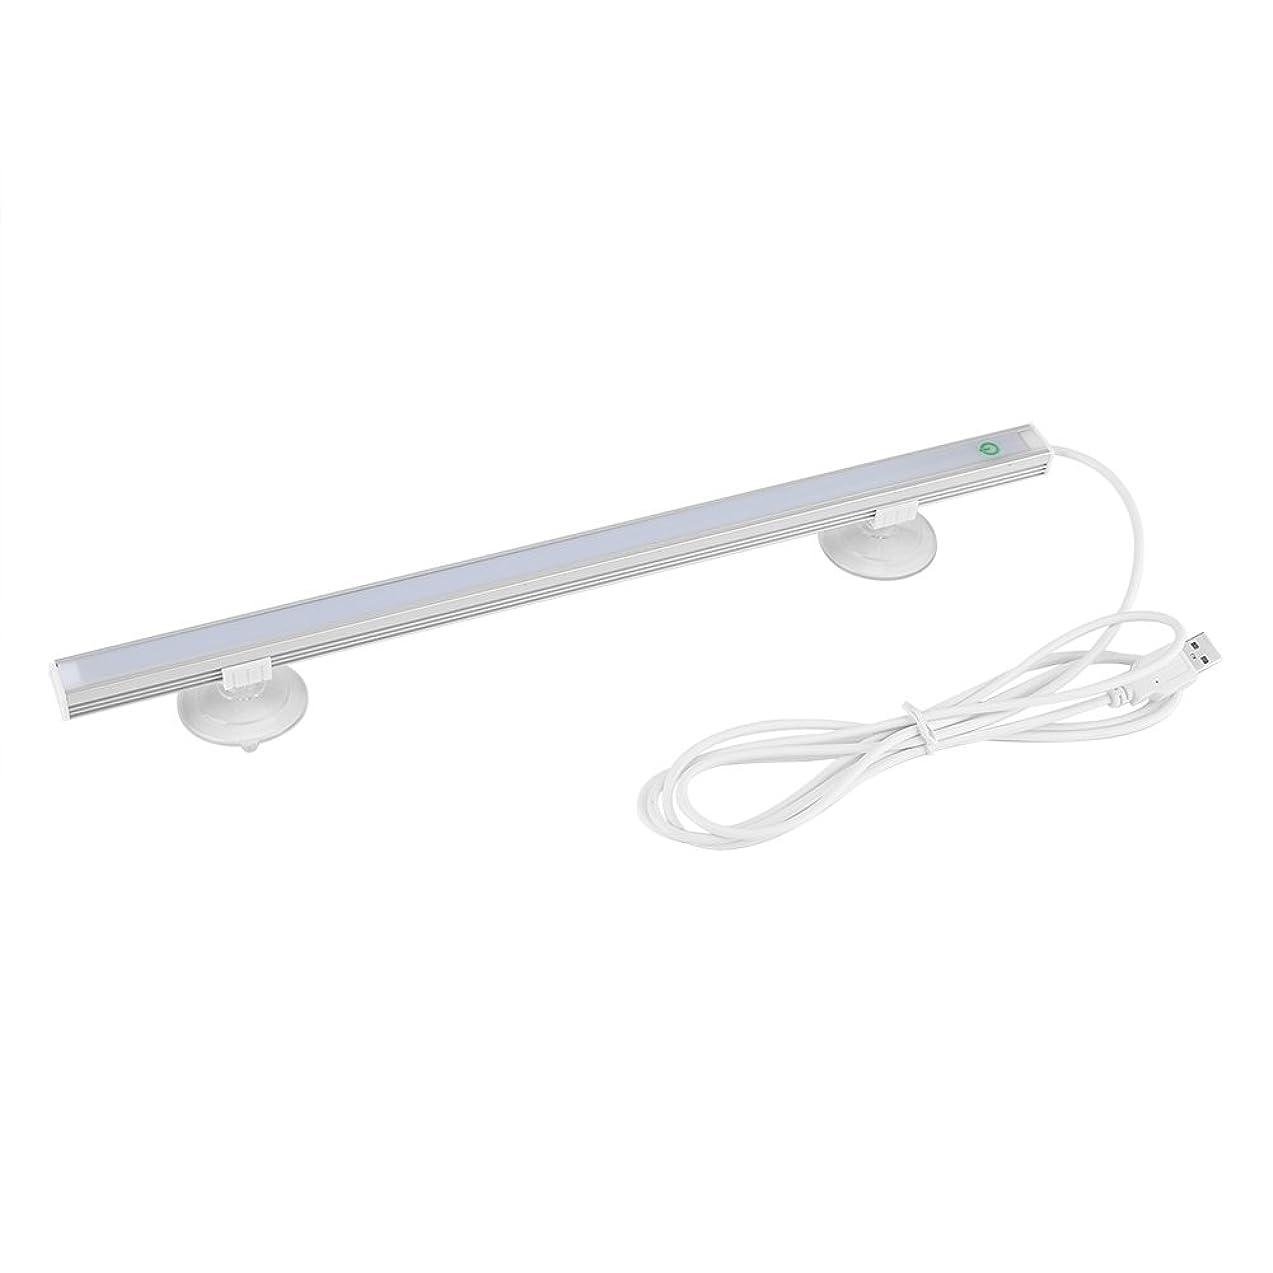 薬重要な限られたキャビネットライト LEDミラーライト クローゼットライト タッチライト 吸盤 貼り付ける キャビネット クロゼット 鏡に取り付ける 化粧鏡装飾 洗面台 化粧台 照明用具